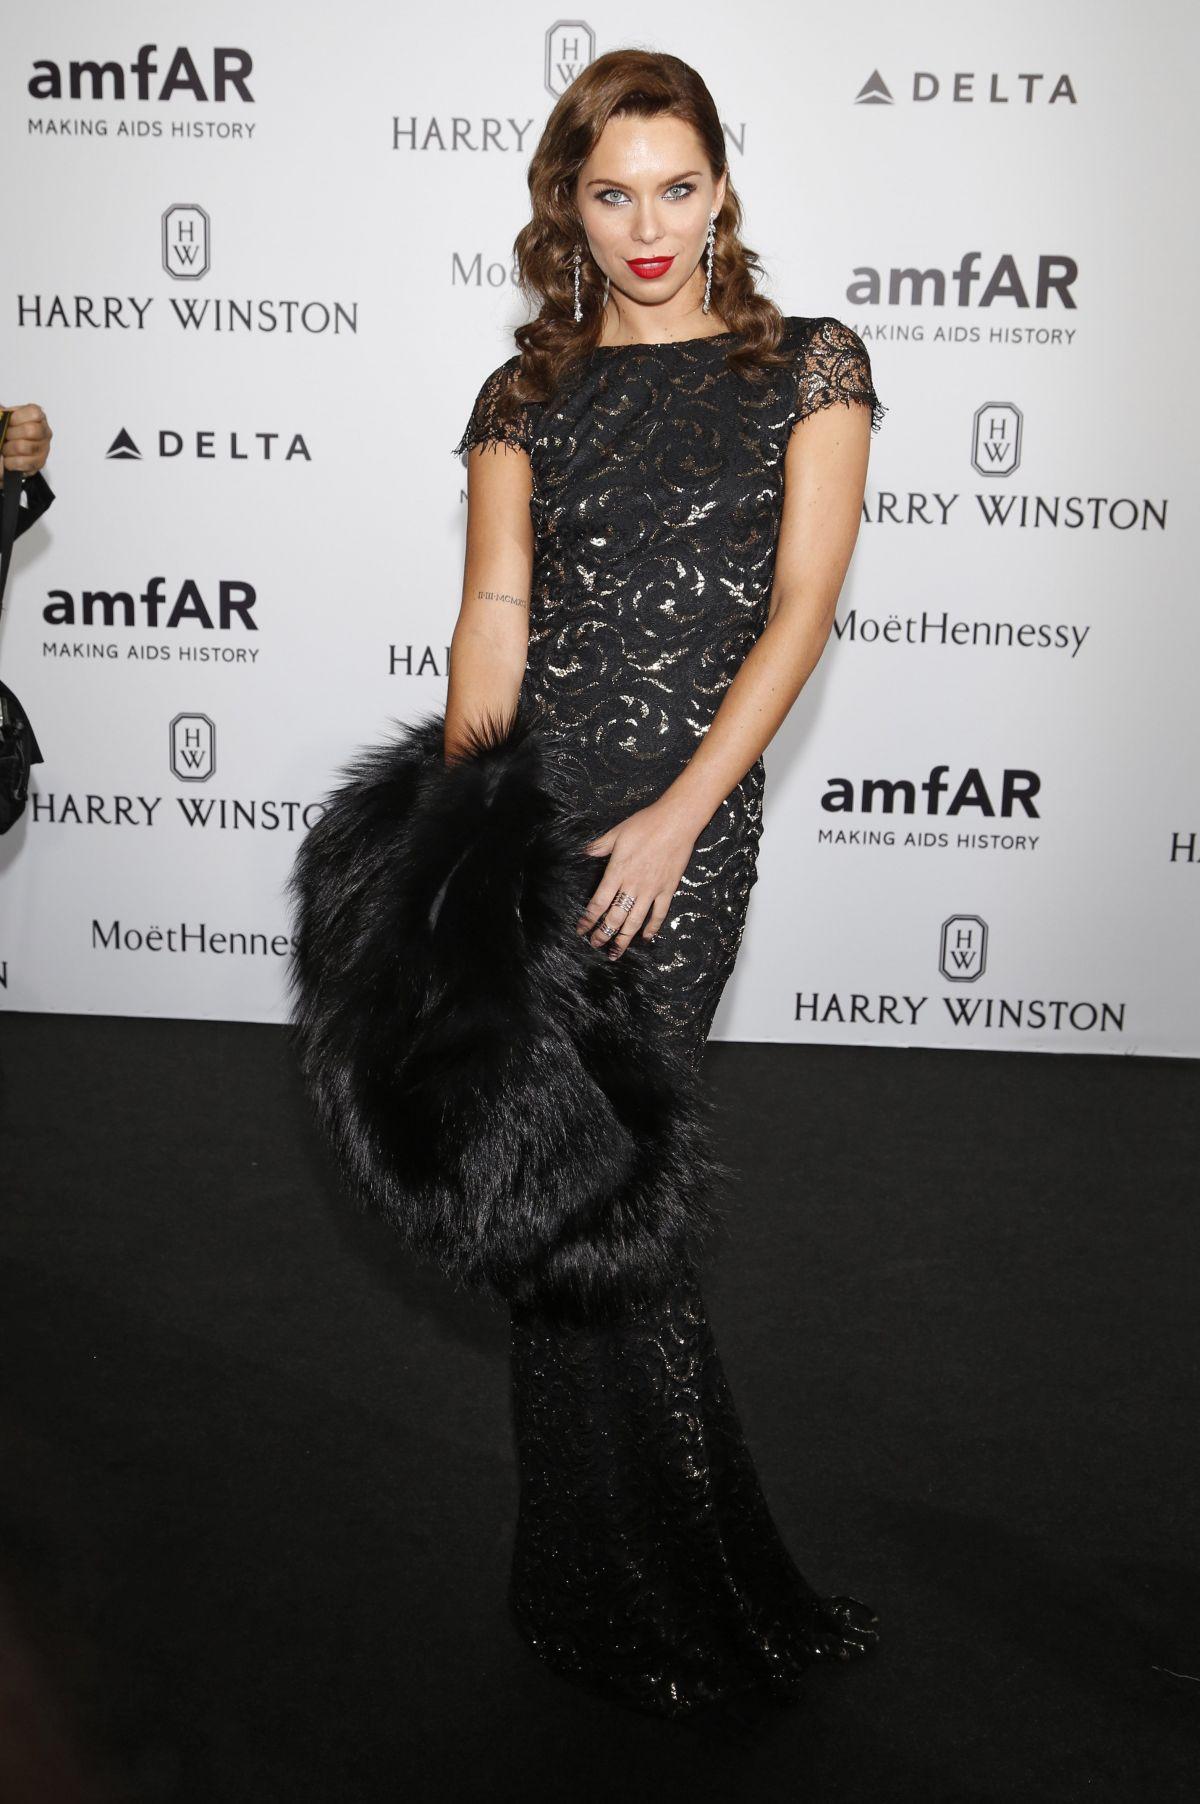 KRISTINA LILIANA CHUDINOVA at amfAR Gala in Milan 09/26/2015